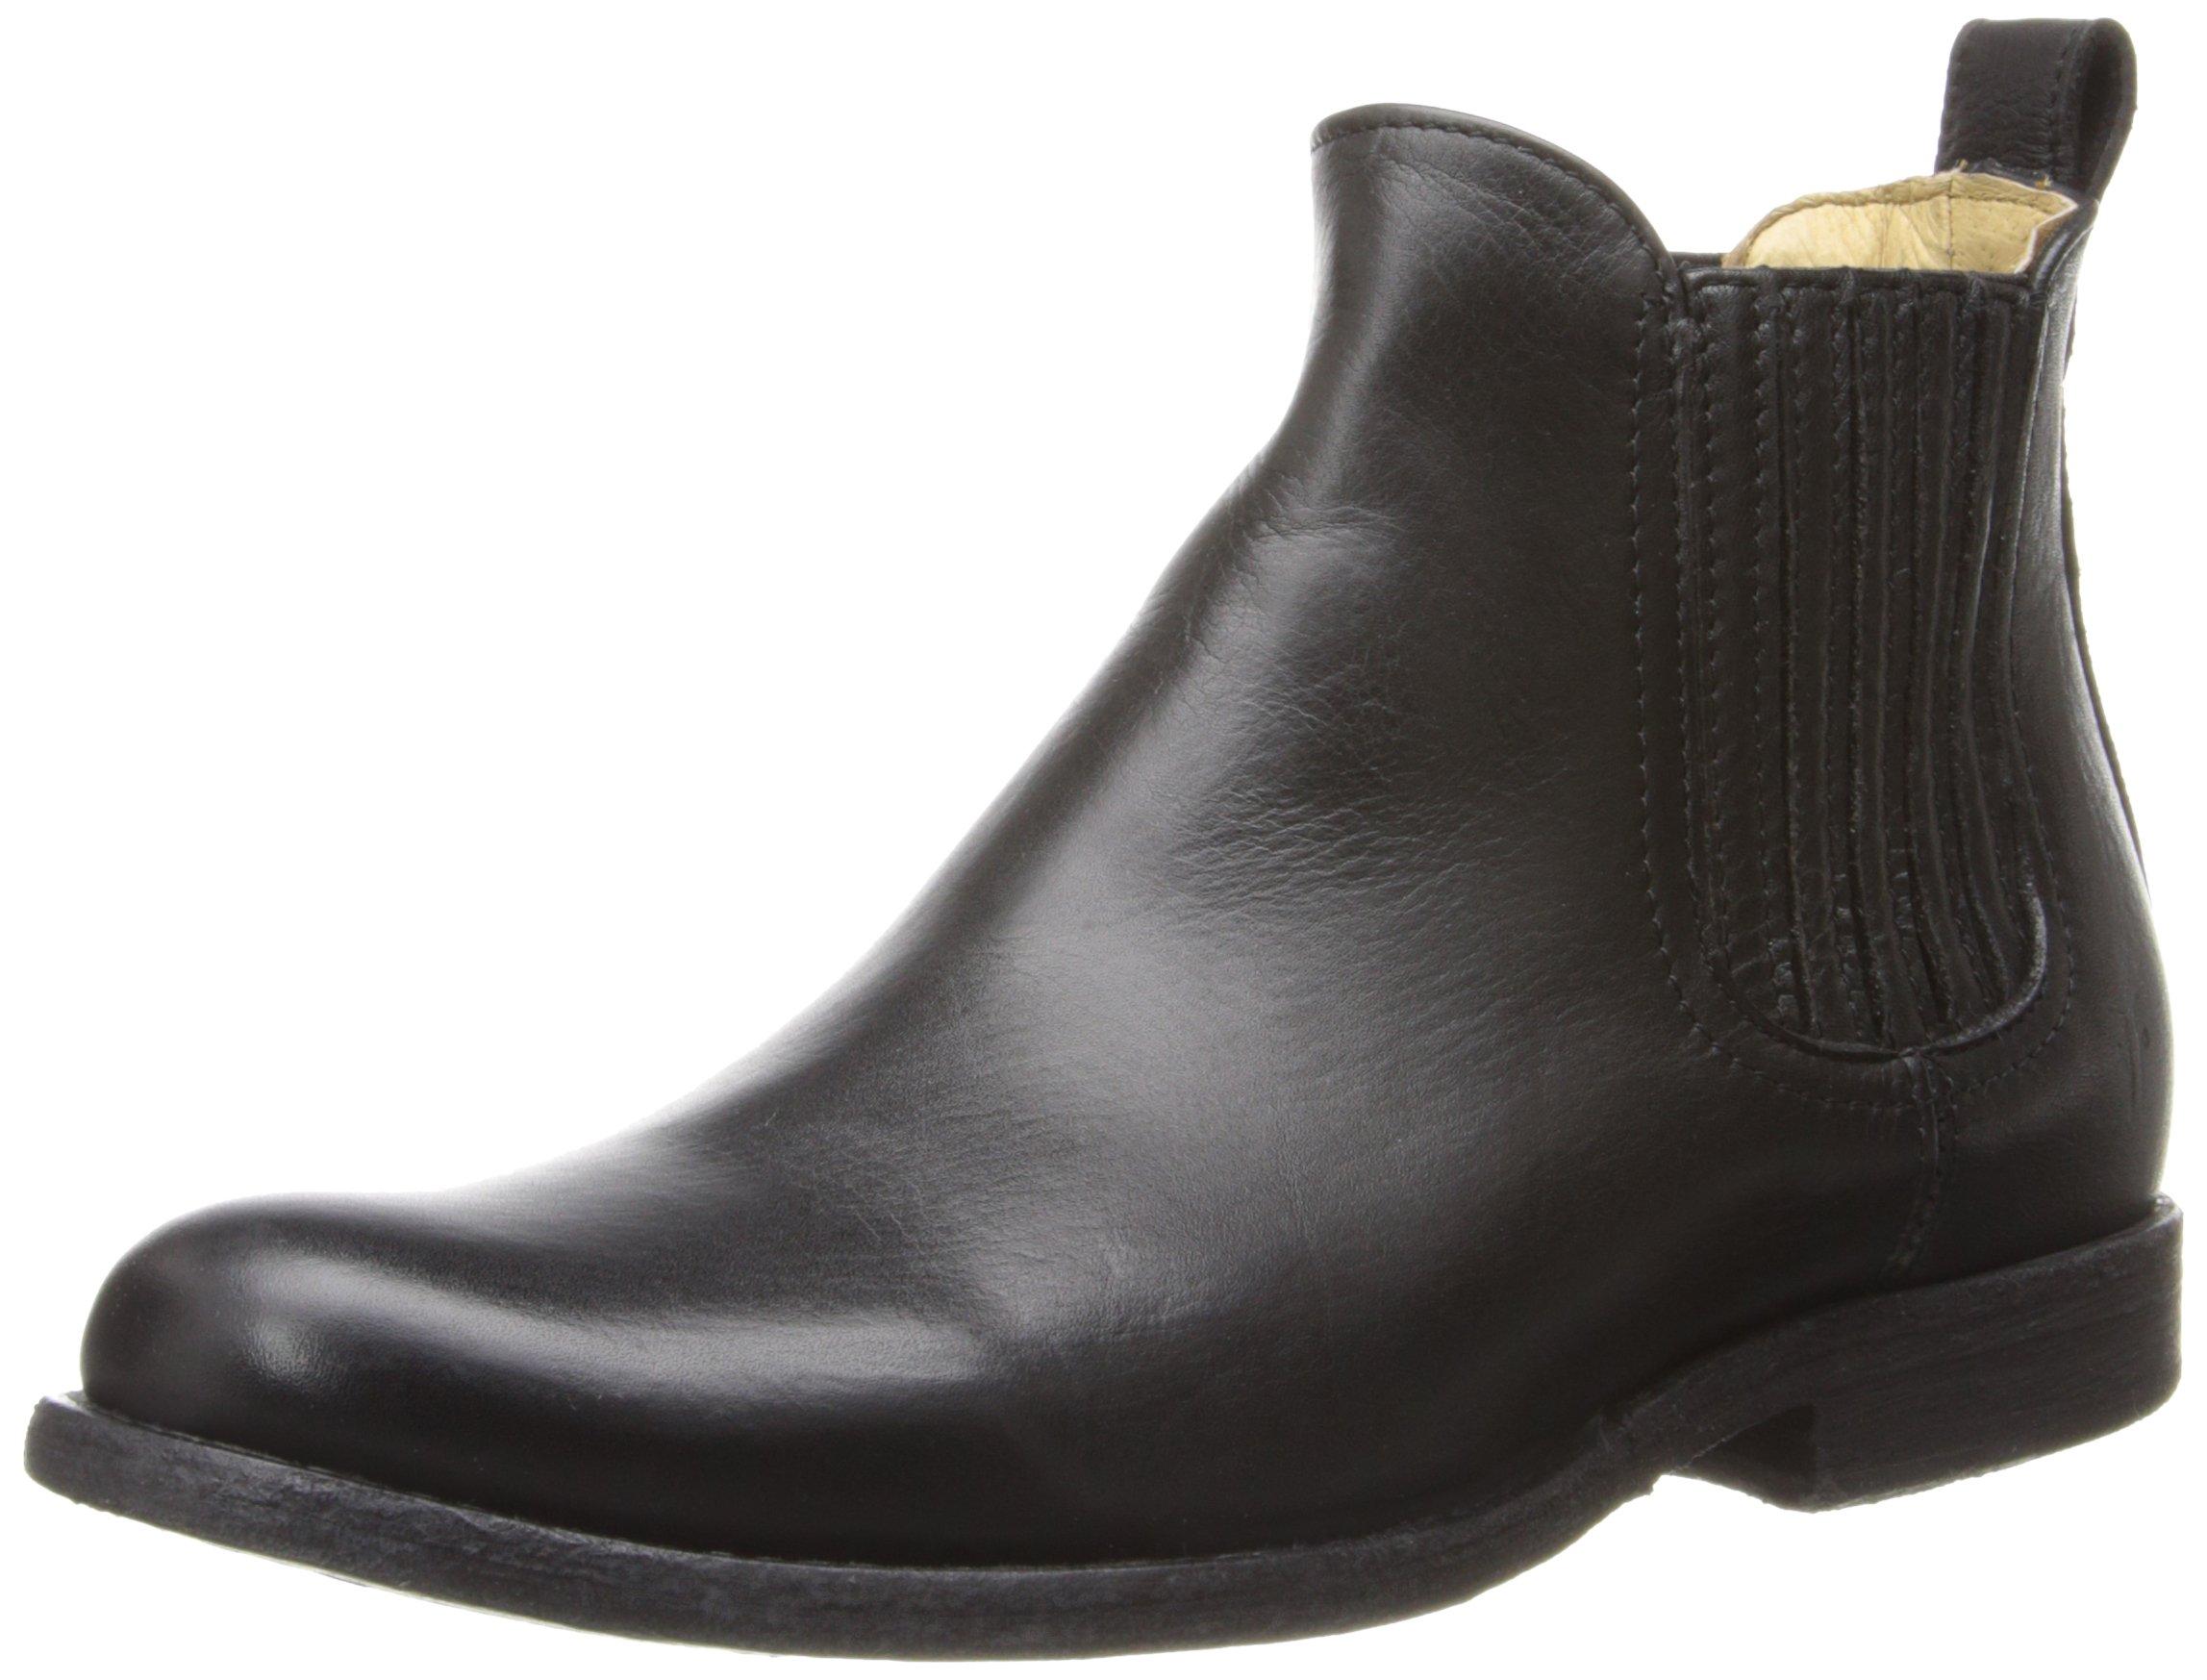 FRYE Women's Phillip Chelsea Boot, Black, 7 M US by FRYE